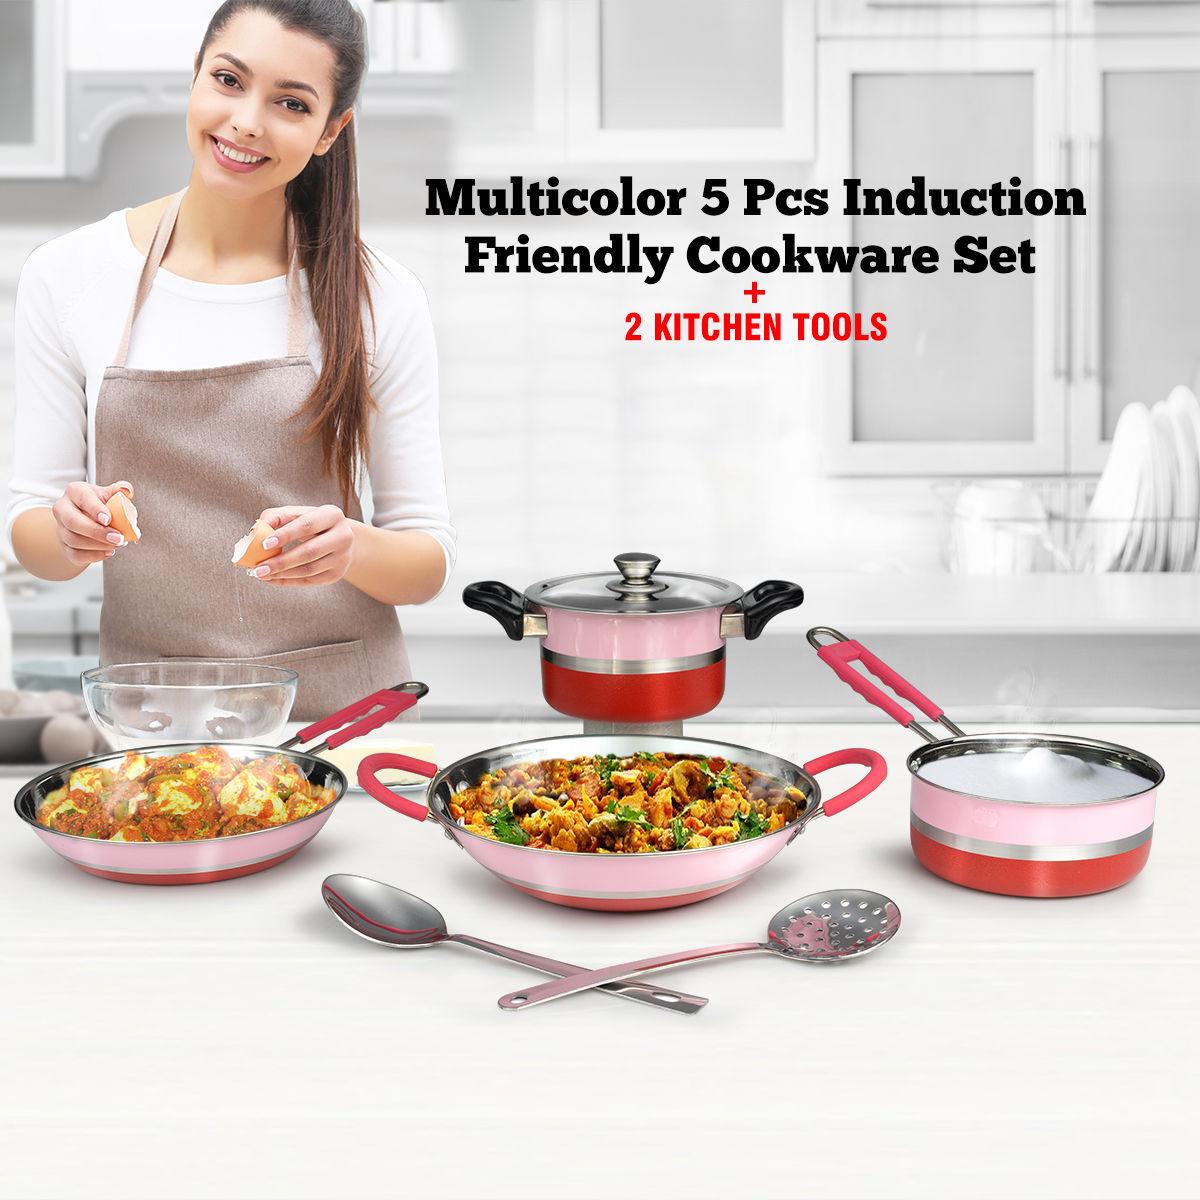 Buy Multicolor 5 Pcs Induction Friendly Cookware Set + 2 Kitchen ...